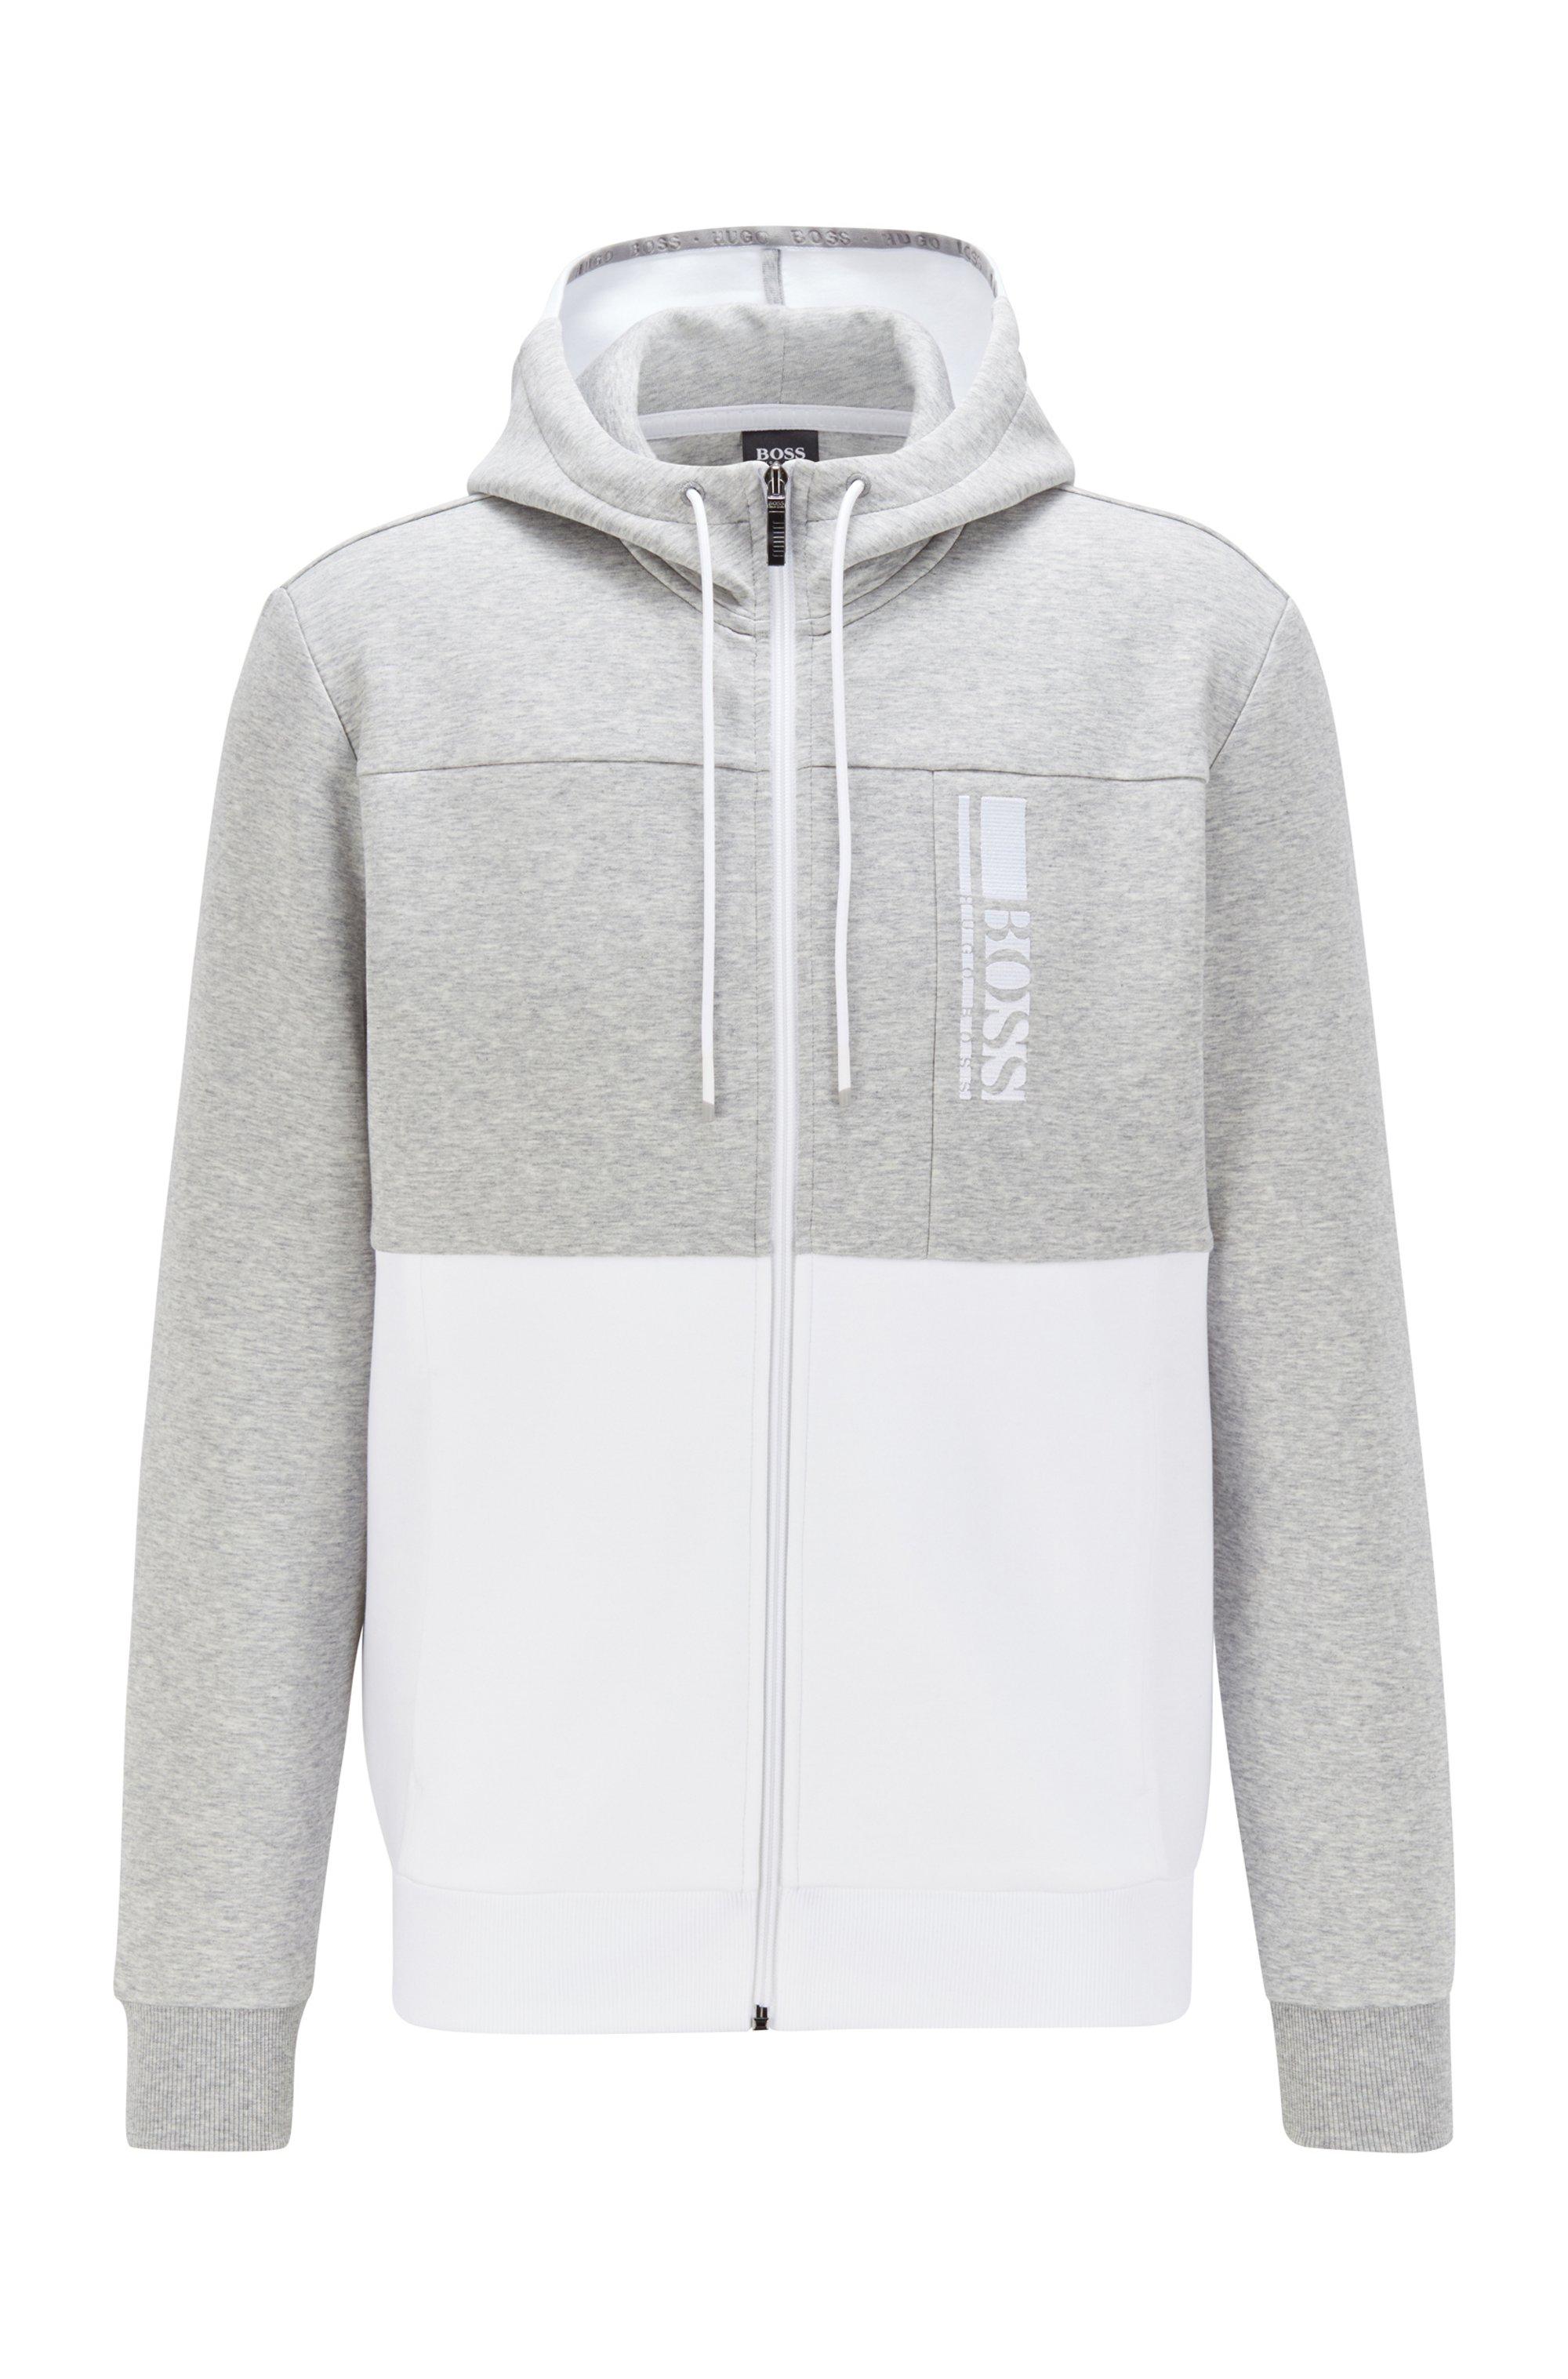 Interlocked sweater met capuchon, ritssluiting en logo in color-blocking, Grijs